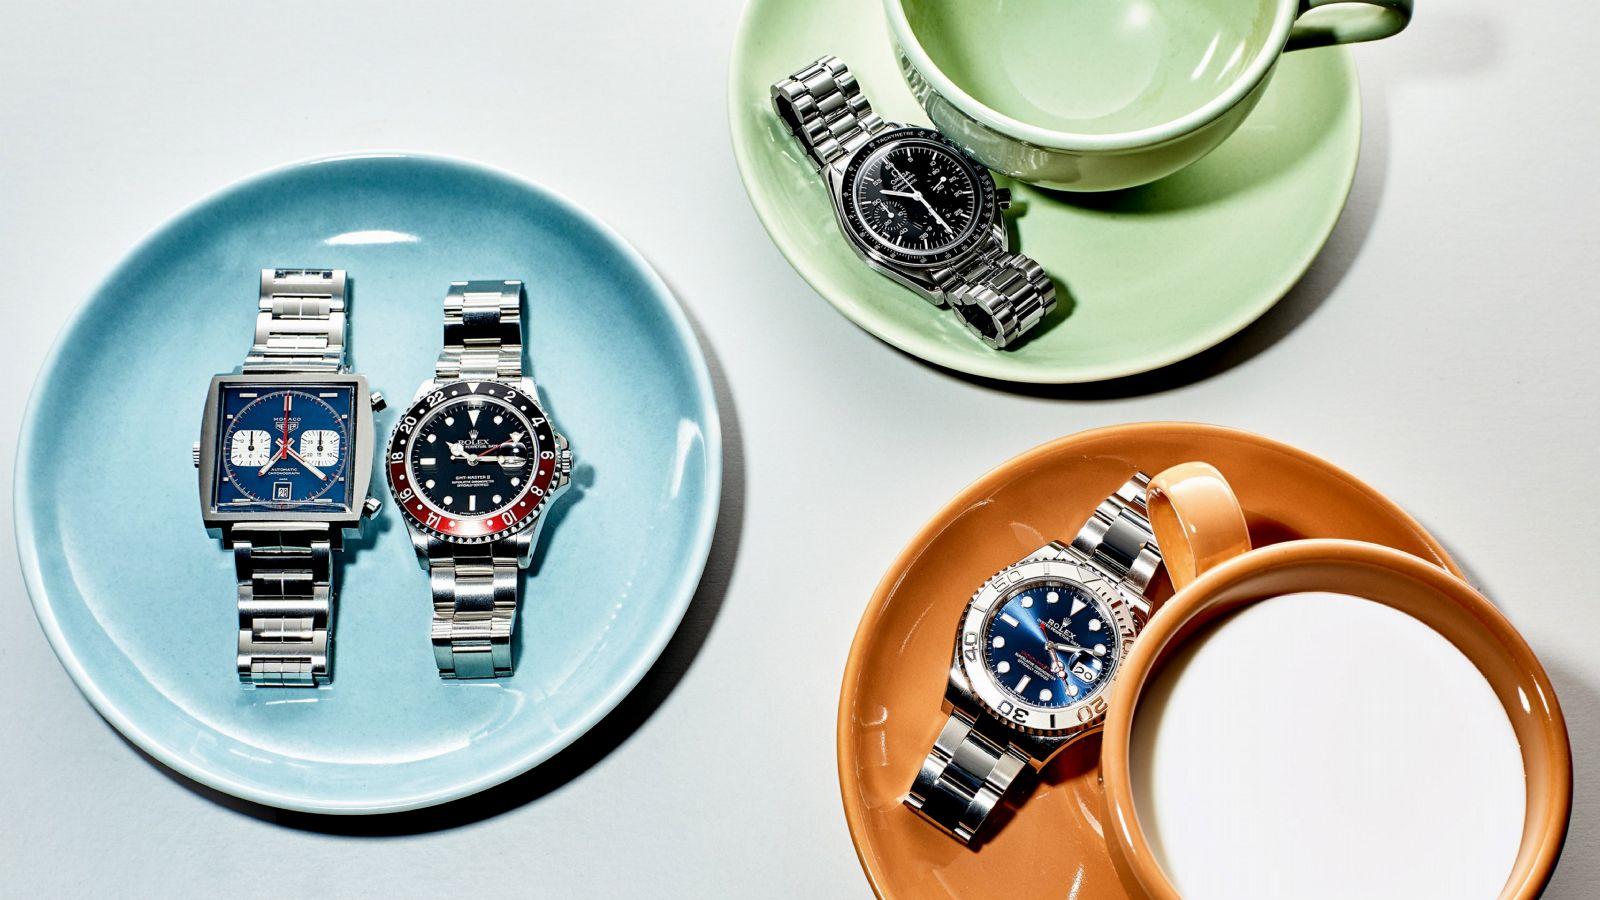 Pre-owned: So kaufen Sie eine gebrauchte Uhr - ganz entspannt